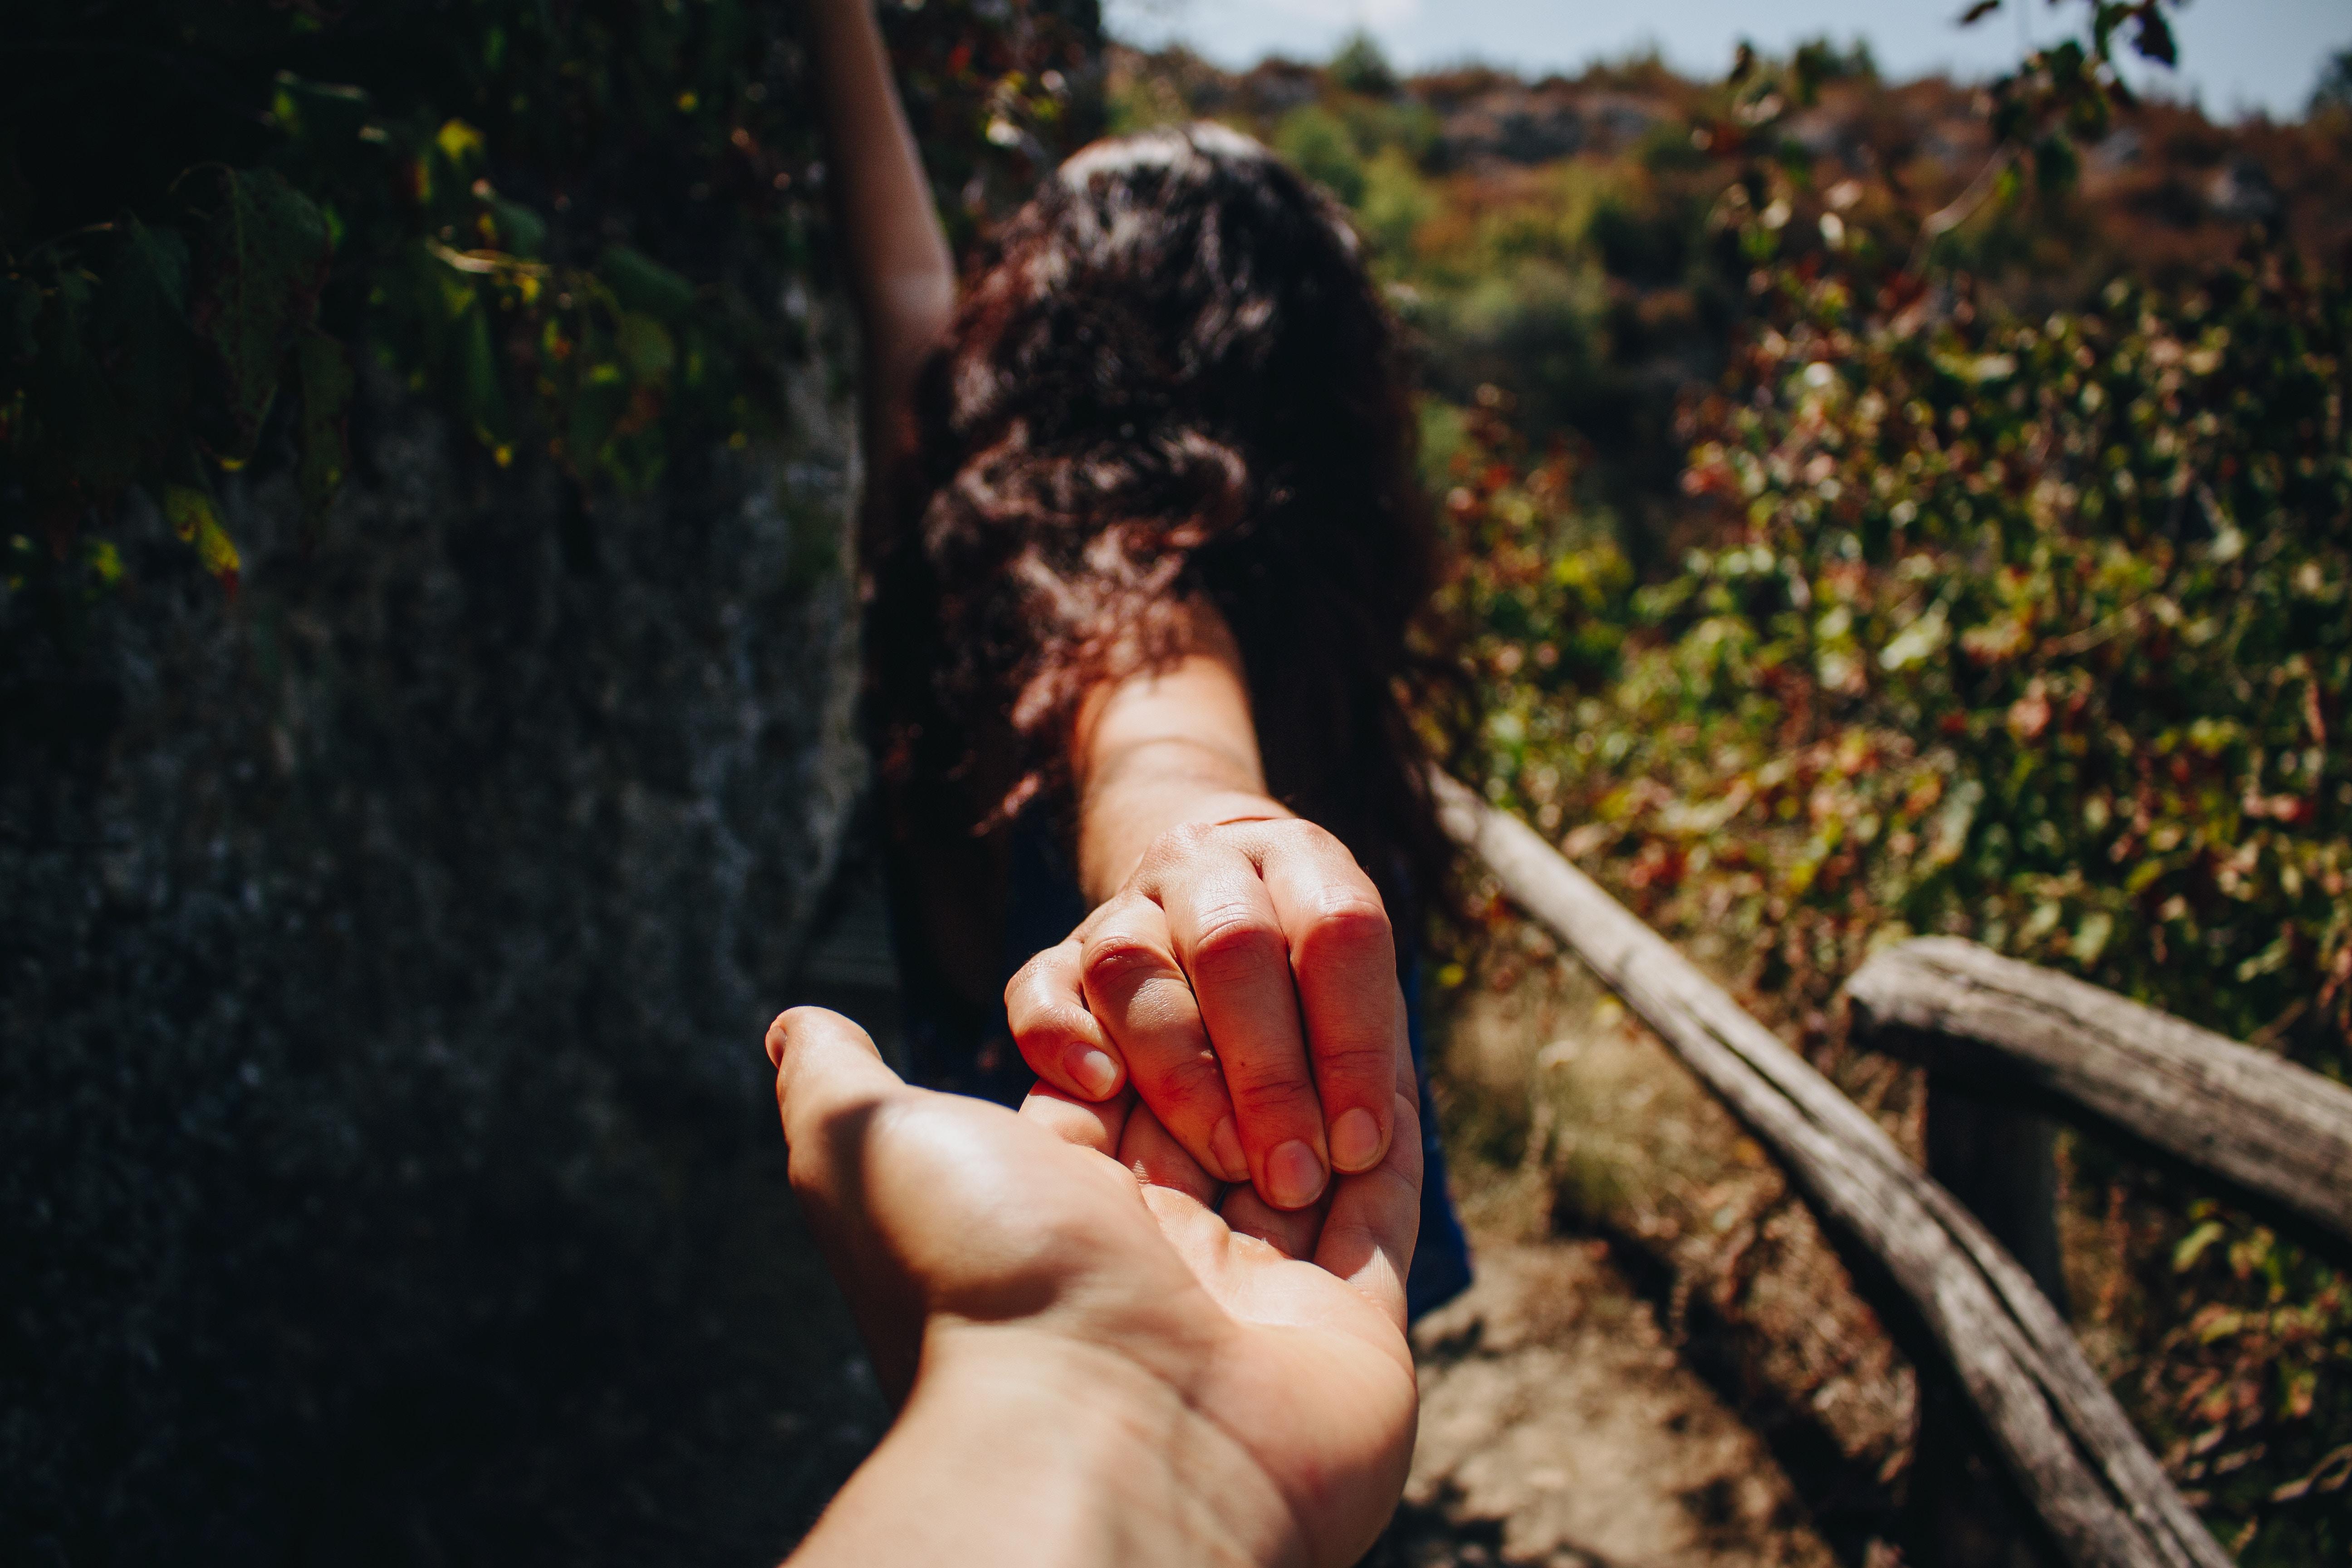 彼氏がいる女性ほど1人で旅をしたほうが良い5つの理由